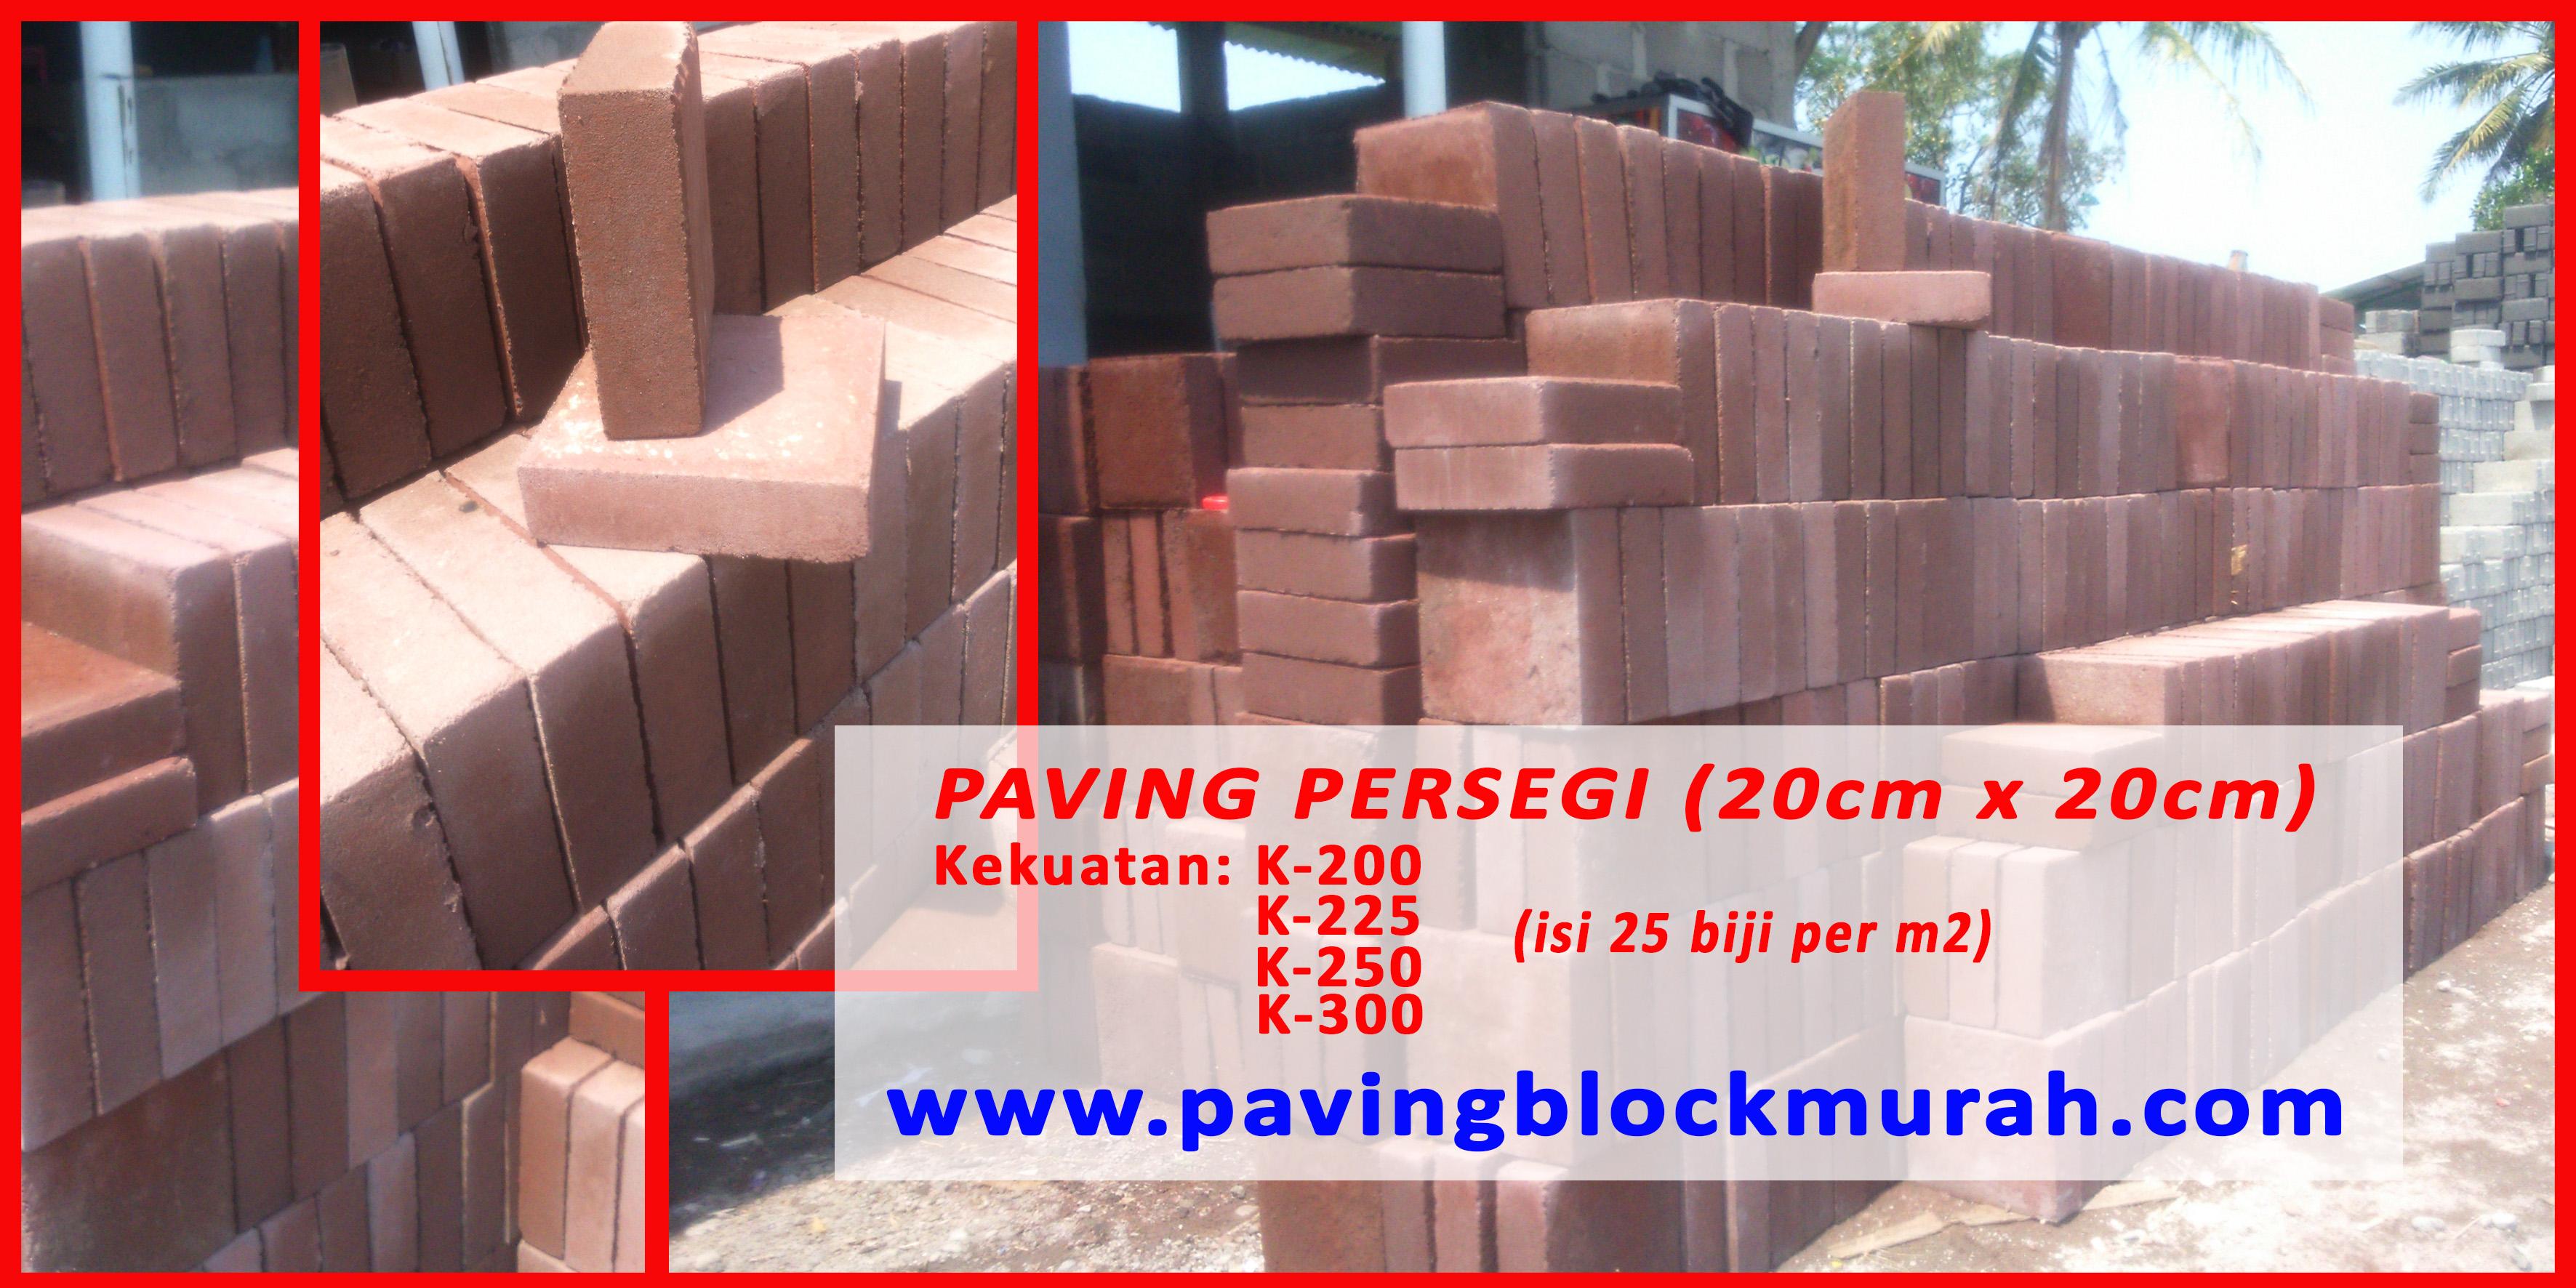 0856 4393 8535 (Indosat), Paving Taman - Paving Block Yogyakarta, Jual Paving Block, Harga